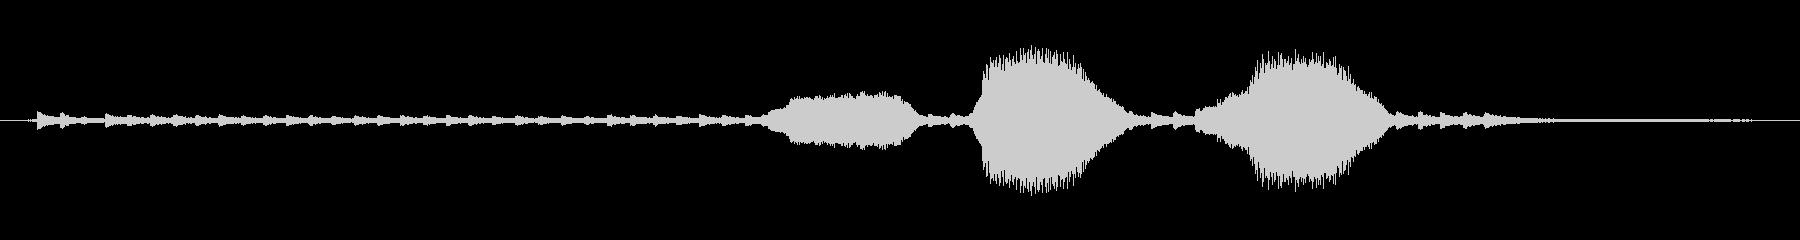 ディーゼル機関車:リングベルとサウ...の未再生の波形